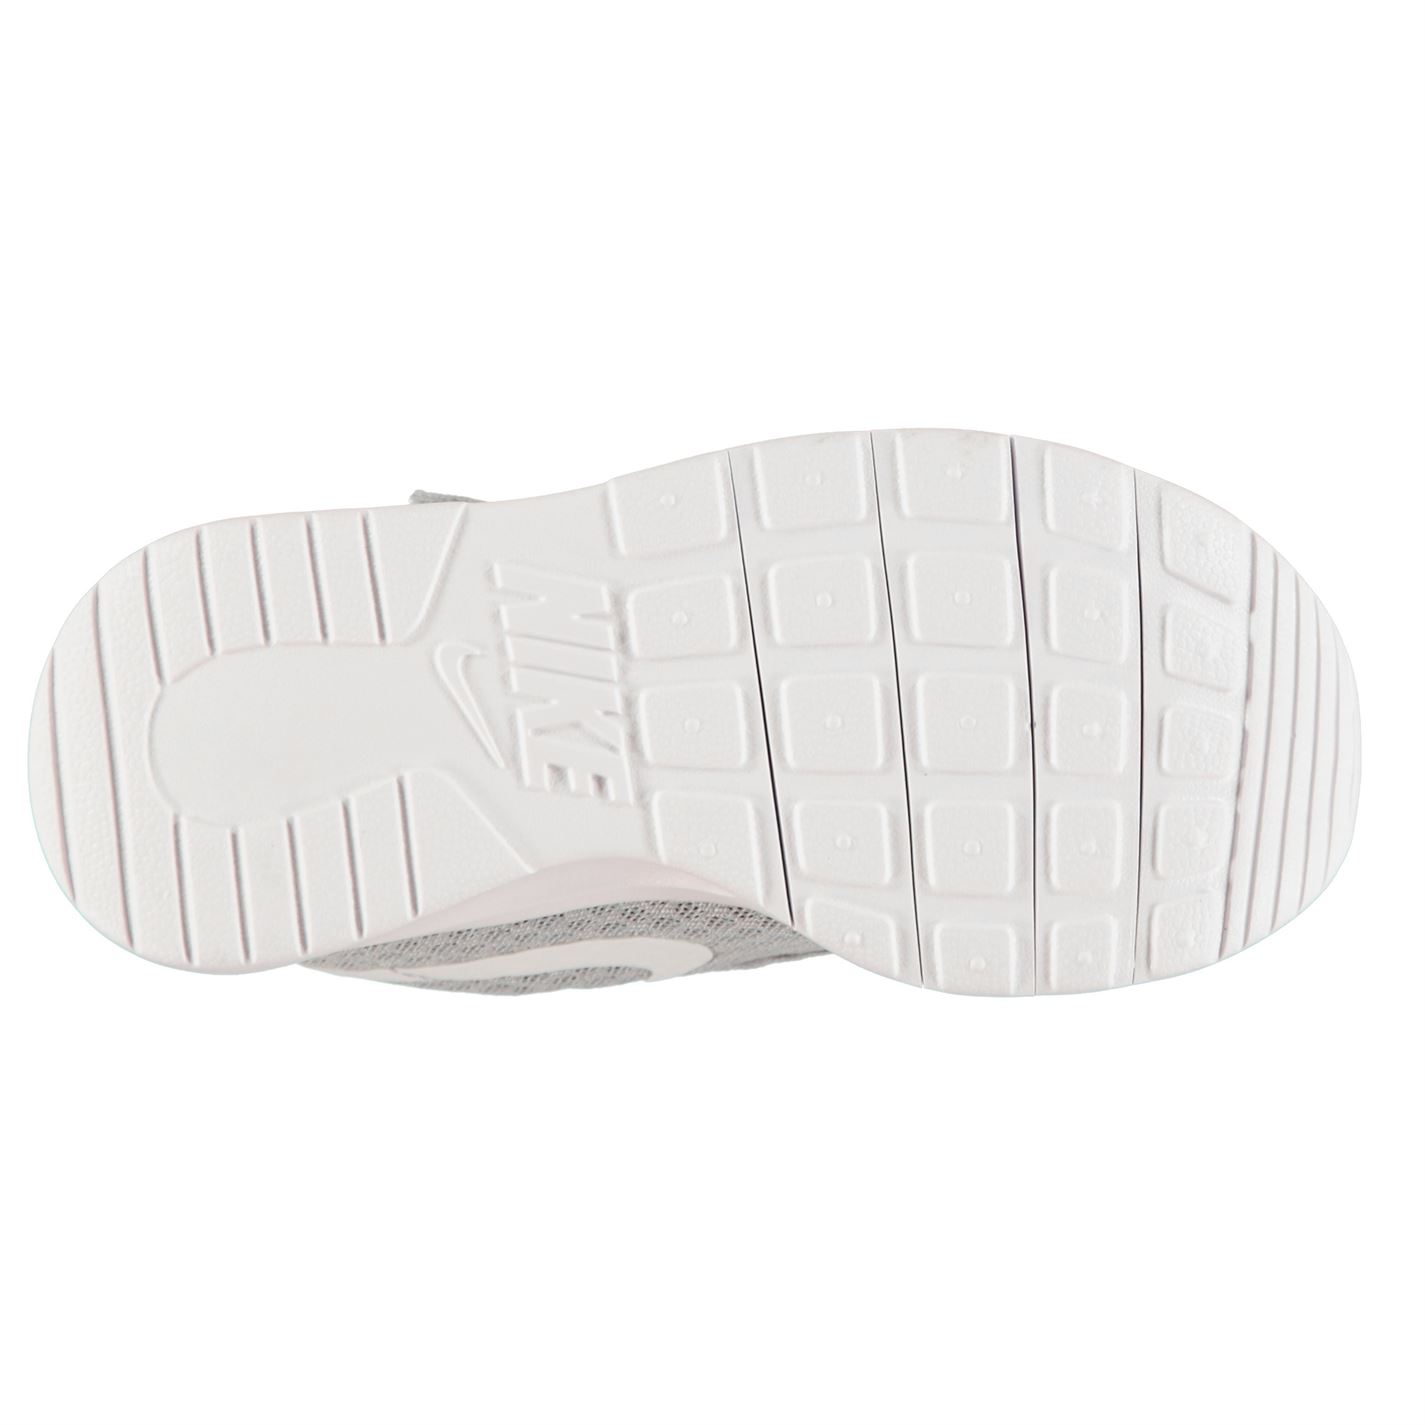 Adidasi Nike Tanjun baietei gri alb